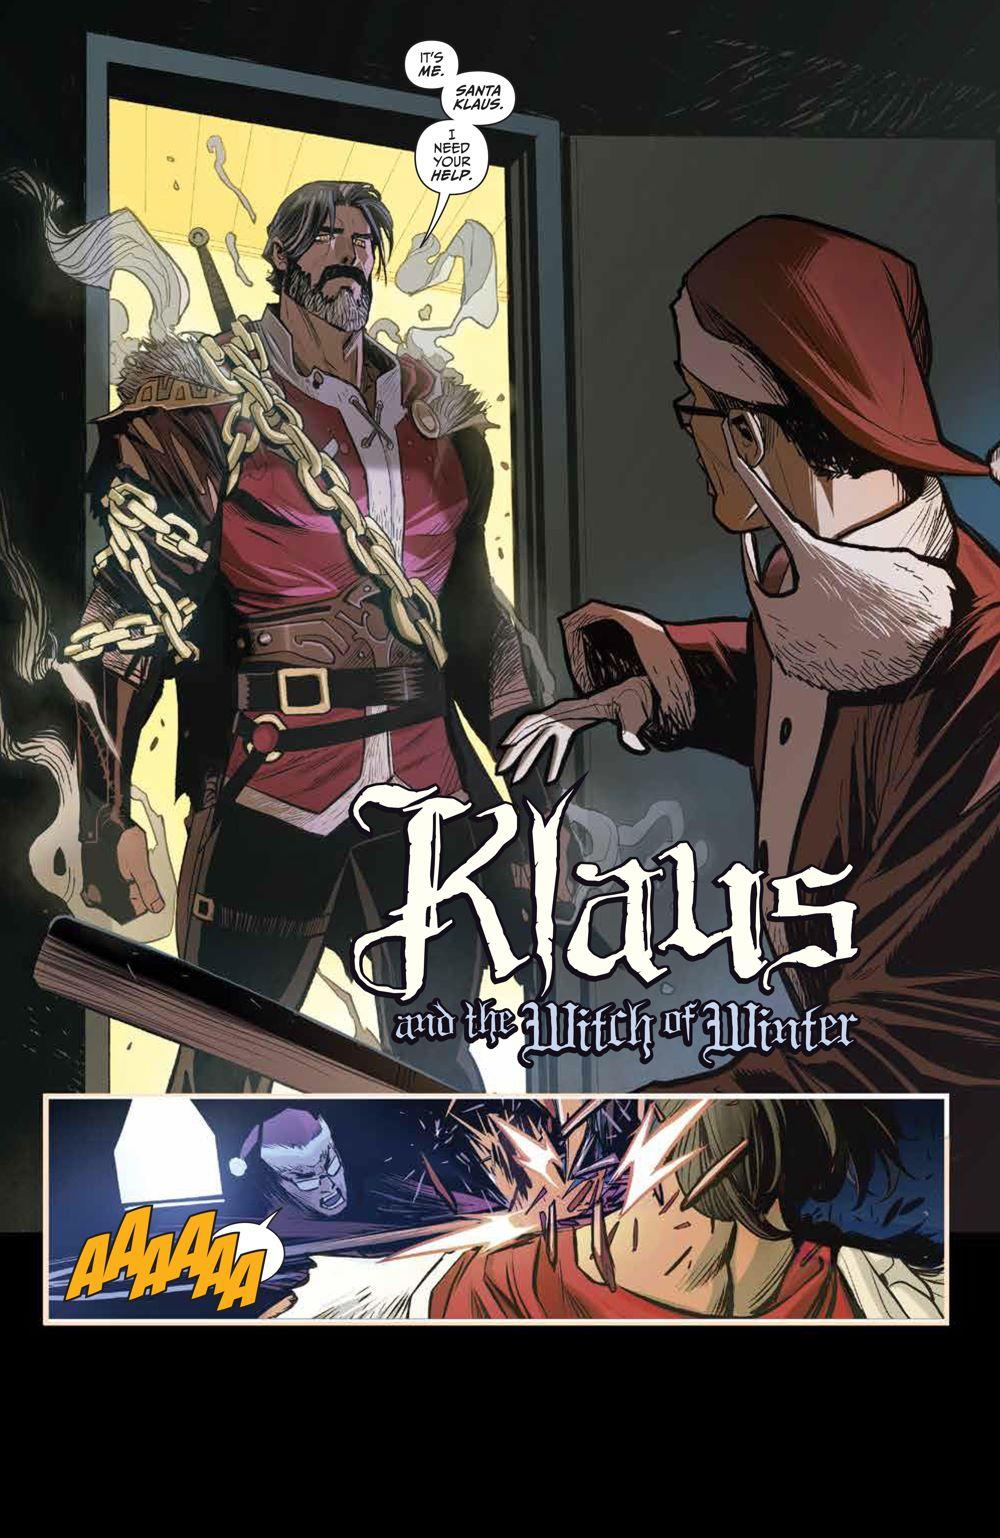 Klaus_NewAdventures_SC_PRESS_12 ComicList Previews: KLAUS THE NEW ADVENTURES OF SANTA CLAUS GN